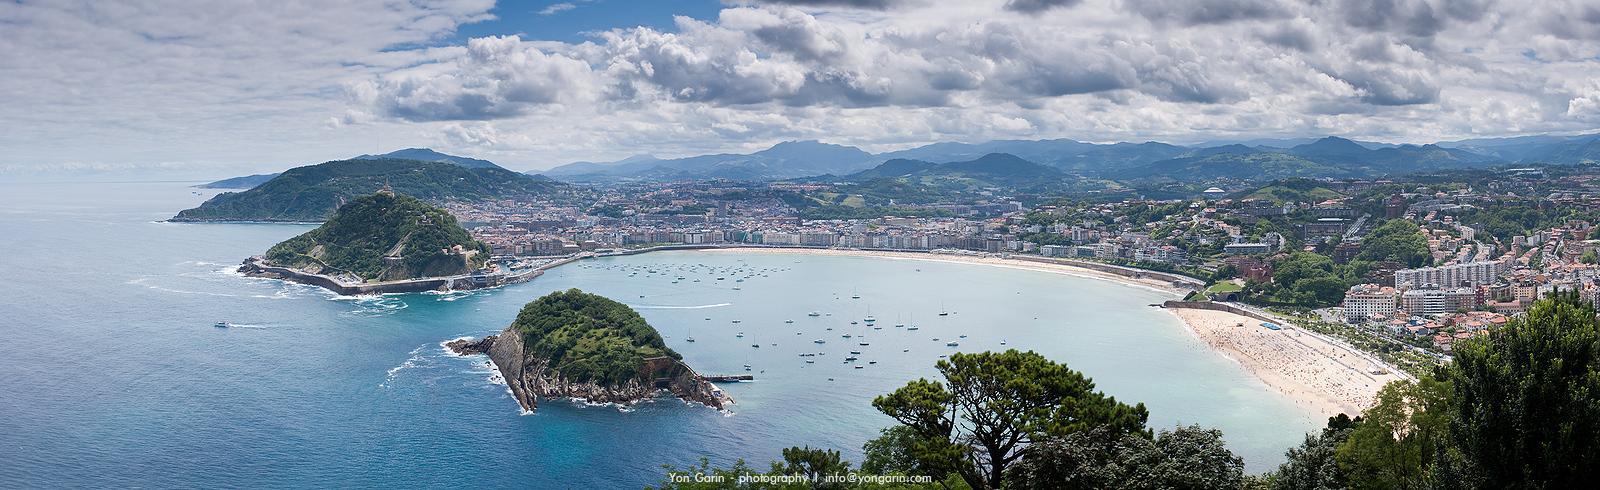 Donostia san sebasti n un must para los turistas - Clima en donostia san sebastian ...